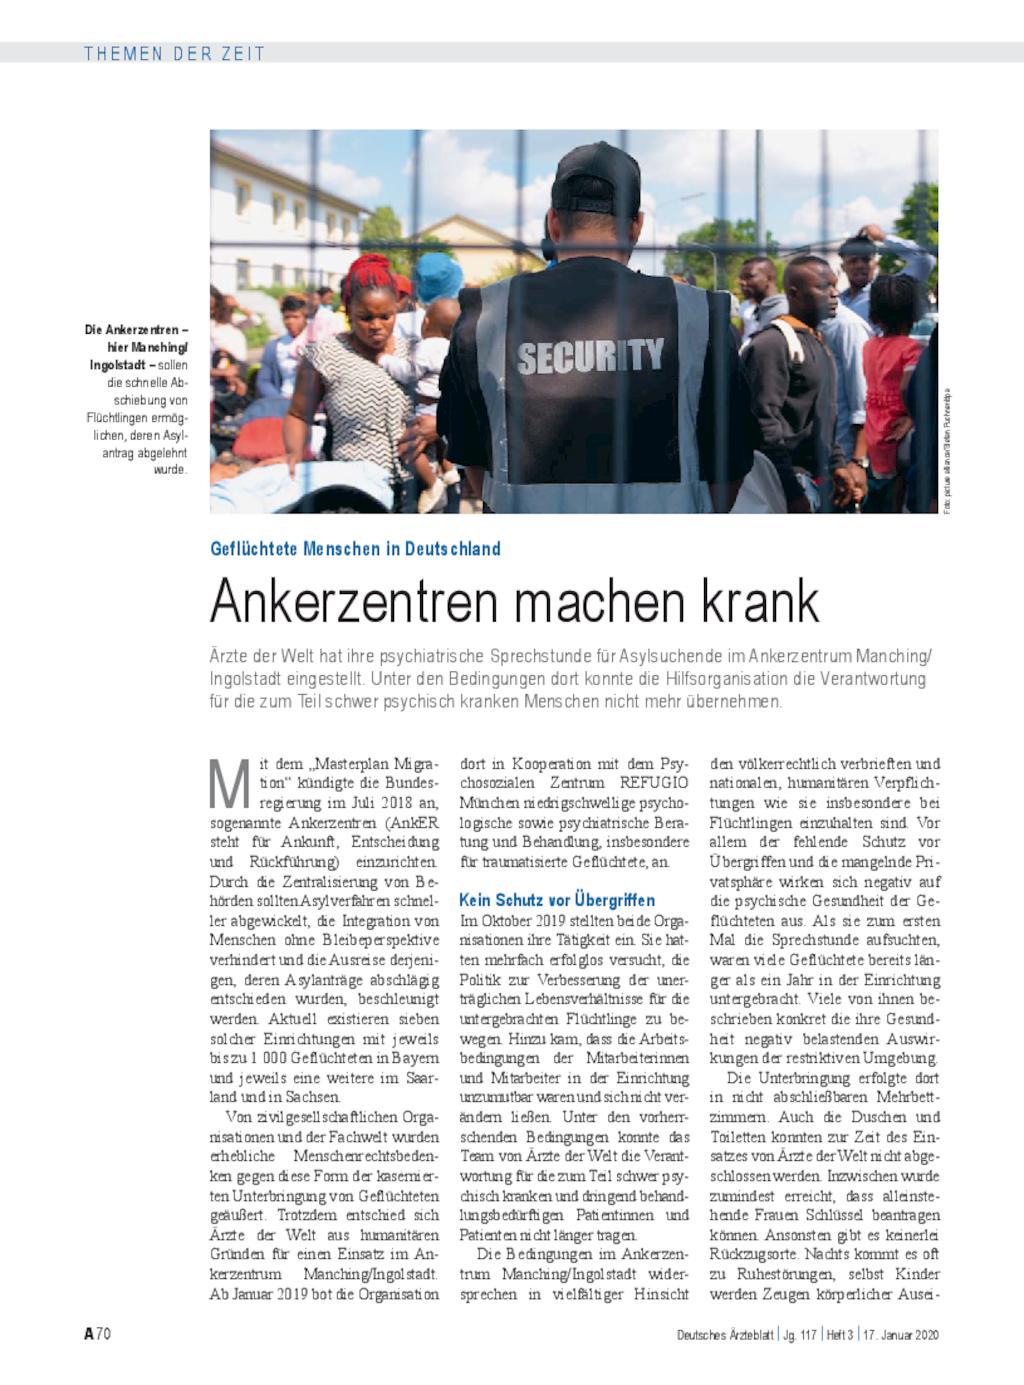 Geflüchtete Menschen in Deutschland: Ankerzentren machen krank